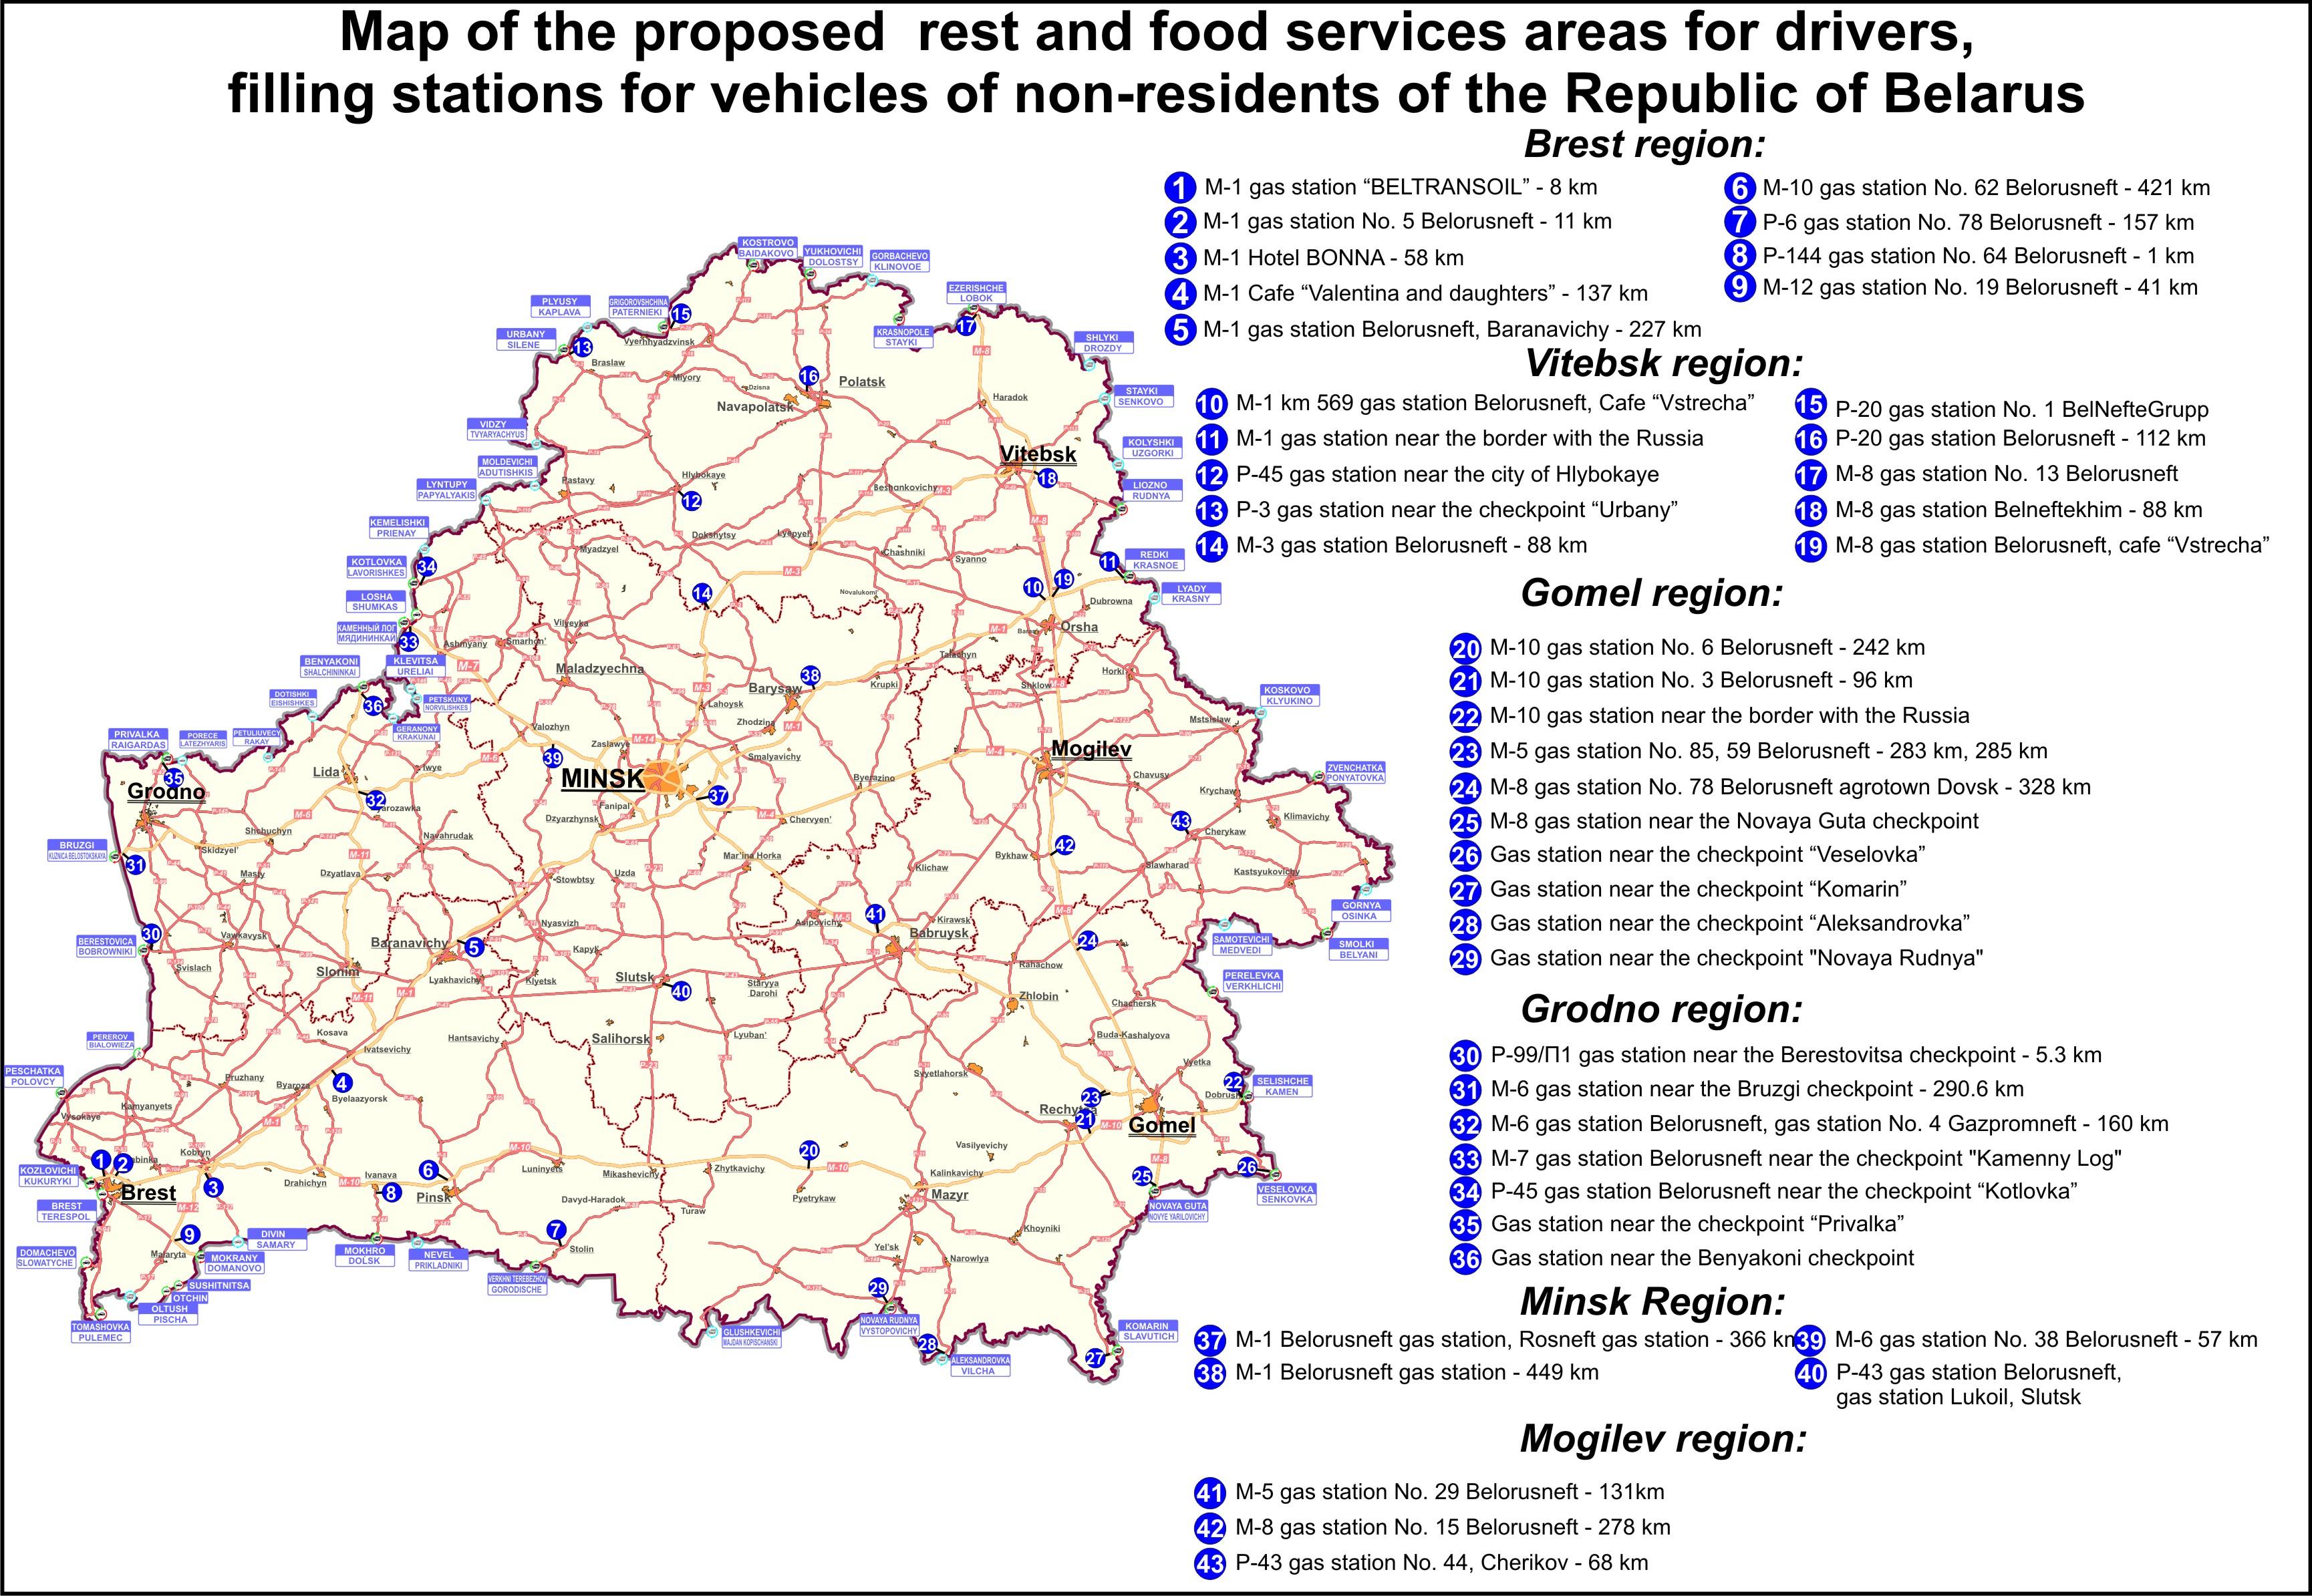 Białoruś wprowadza ograniczenia dla zagranicznych kierowców ciężarówek